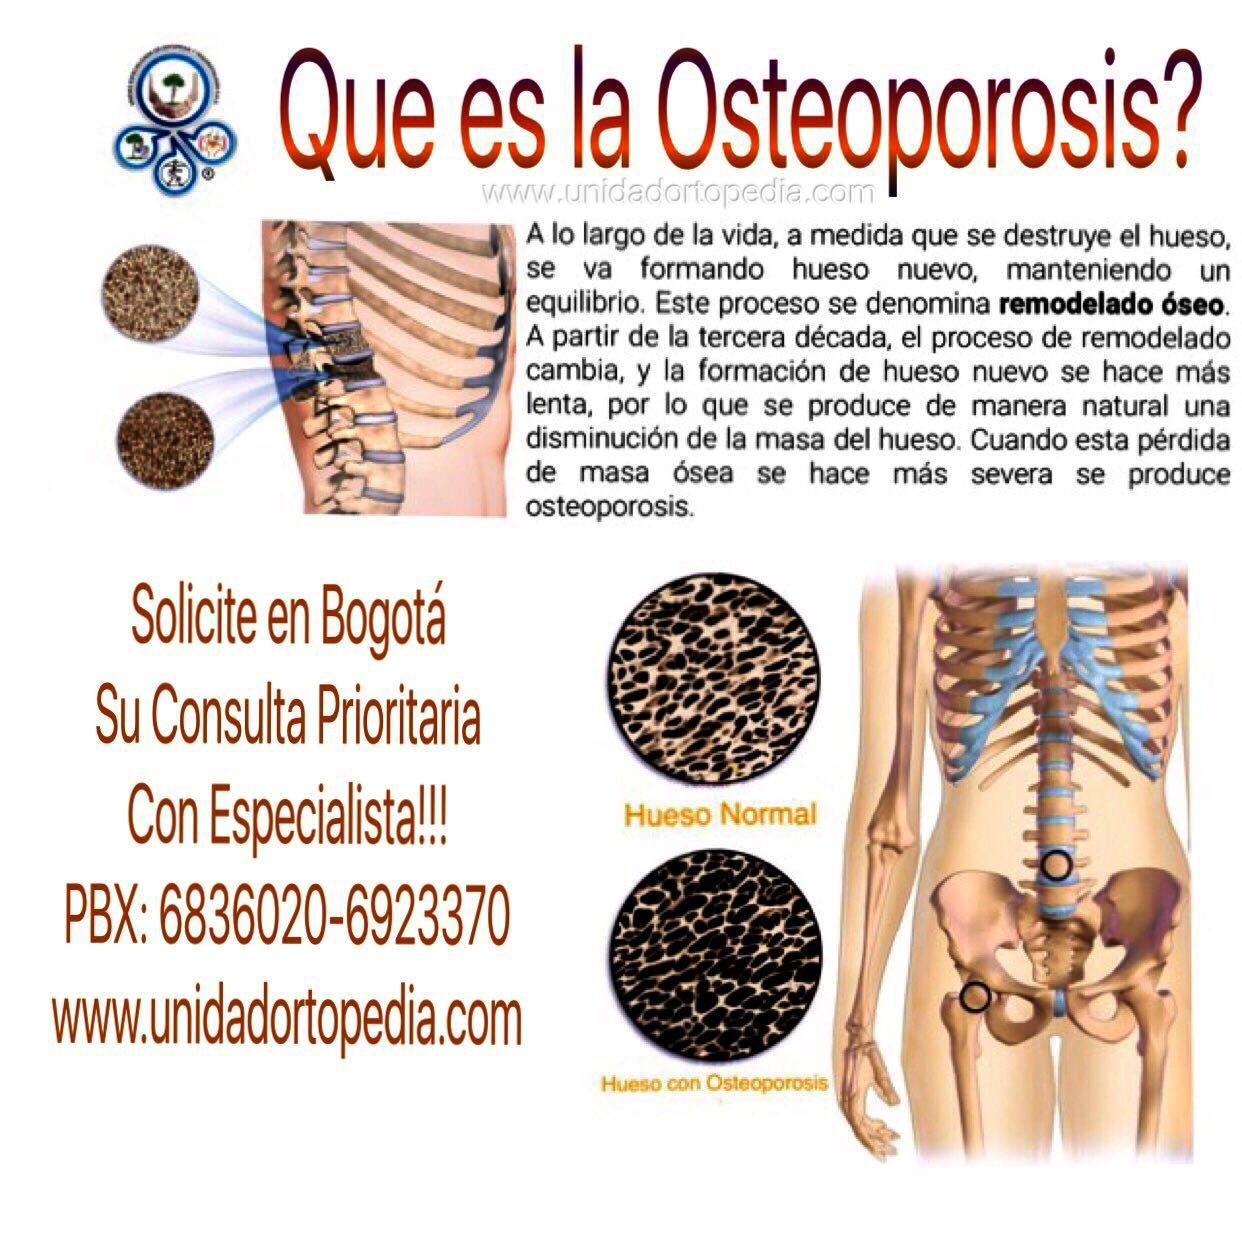 Clínica especializada en tratamientos contra la osteoporosis en la Unidad Especializada en Ortopedia y Traumatologia PBX: 6923370 www.unidadortopedia.com Bogotá - Colombia.